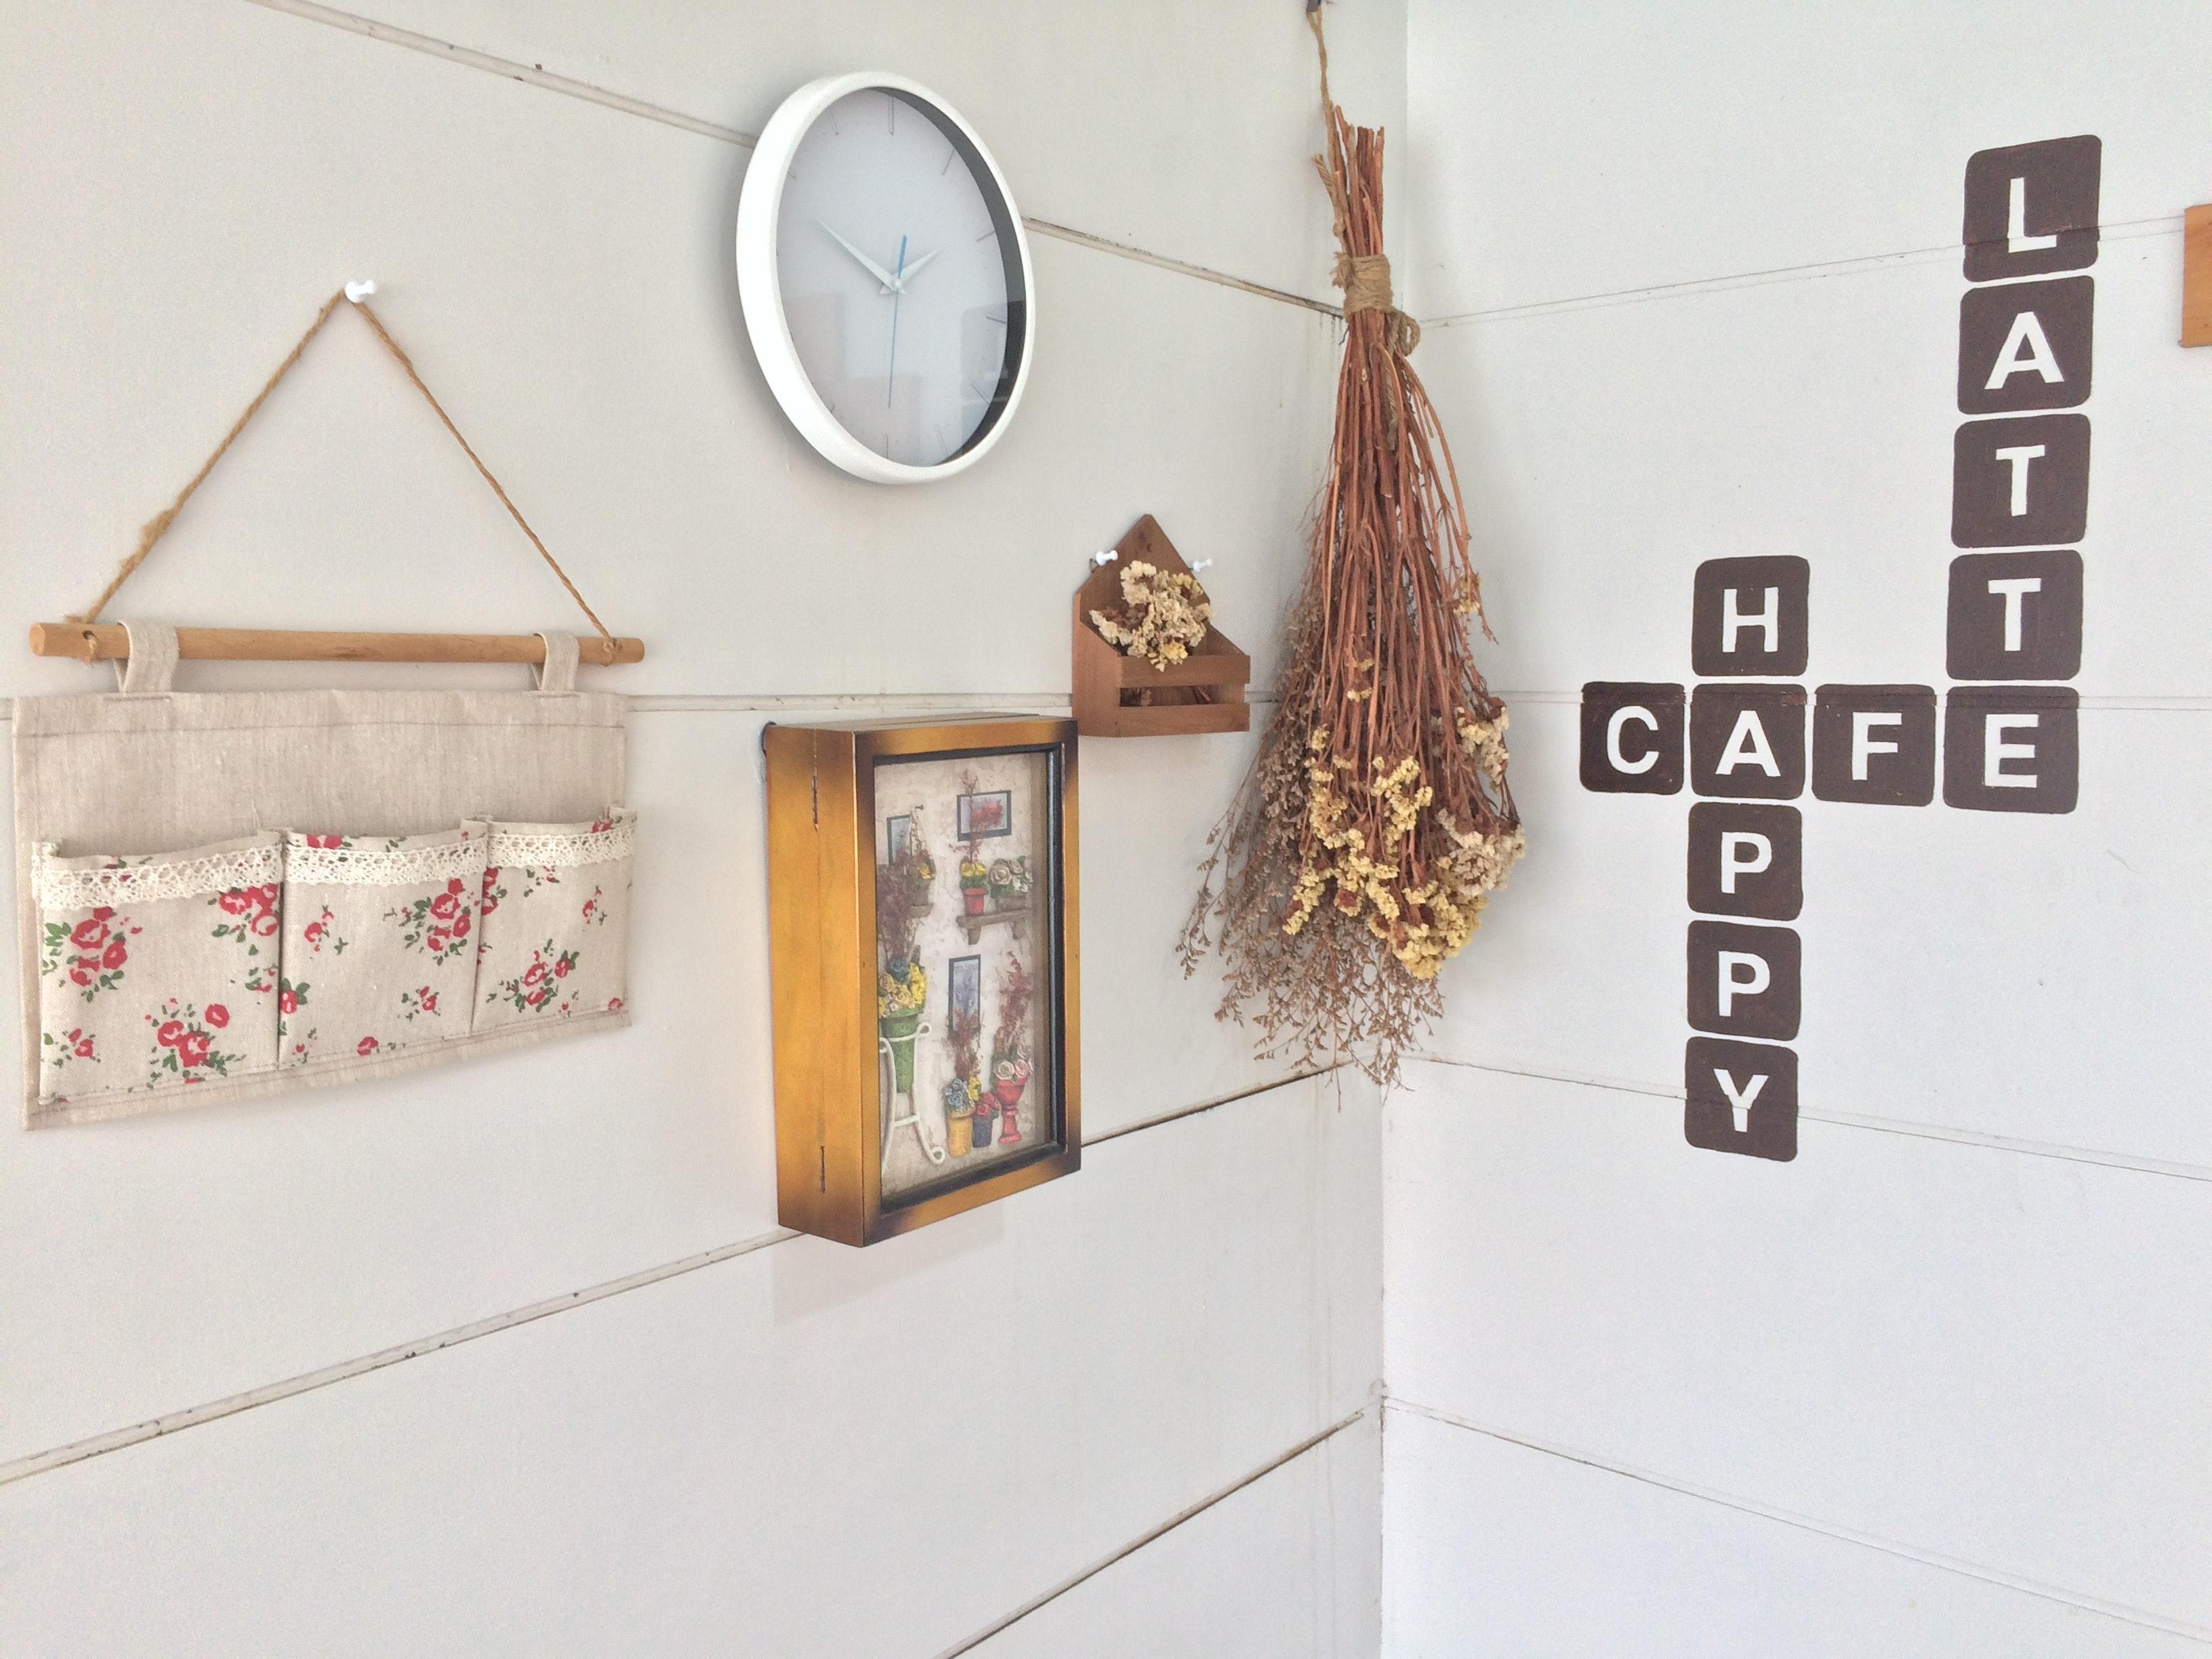 Gratis afbeeldingen bedrijf cafe tijdgenoot decor decoratie